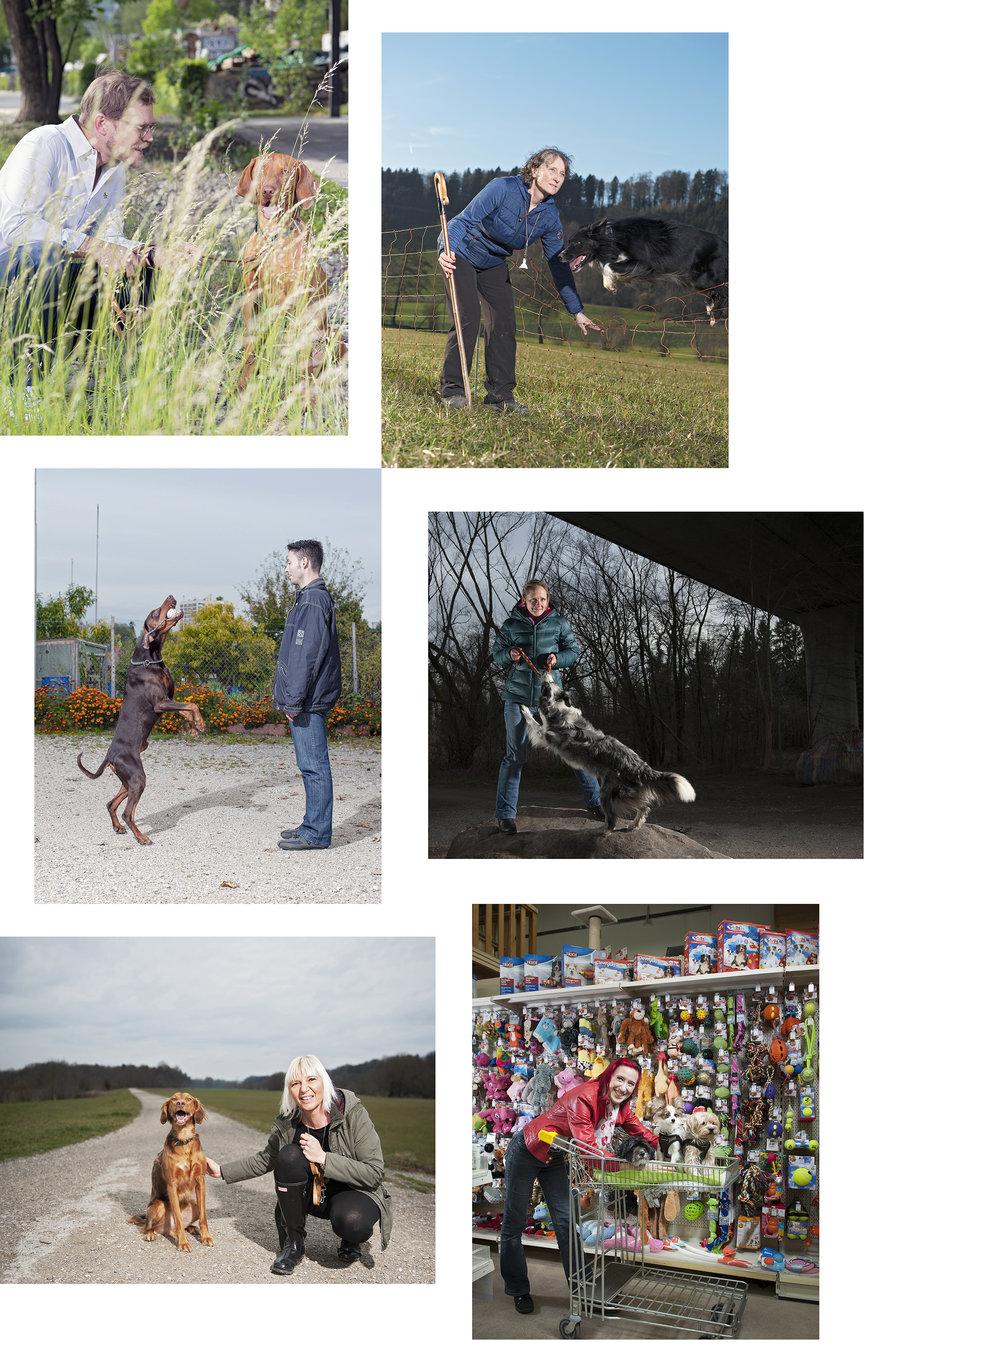 Sitz. Platz. Klick. Bilder, die bleiben. - Jede Beziehung zwischen Mensch und Hund ist einzigartig. Halten Sie schöne Momente daraus fest. Ihr Alltag bietet vielfältige Situationen für ein besonderes Fotoshooting. Ob der Spazierweg, Ihr Garten oder Hundesportplatz. Sie schlagen den Ort vor, und ich inszeniere Sie in Ihrer Welt.Informationen und PreiseFotoshooting Flyer Downloadweitere Beispiele